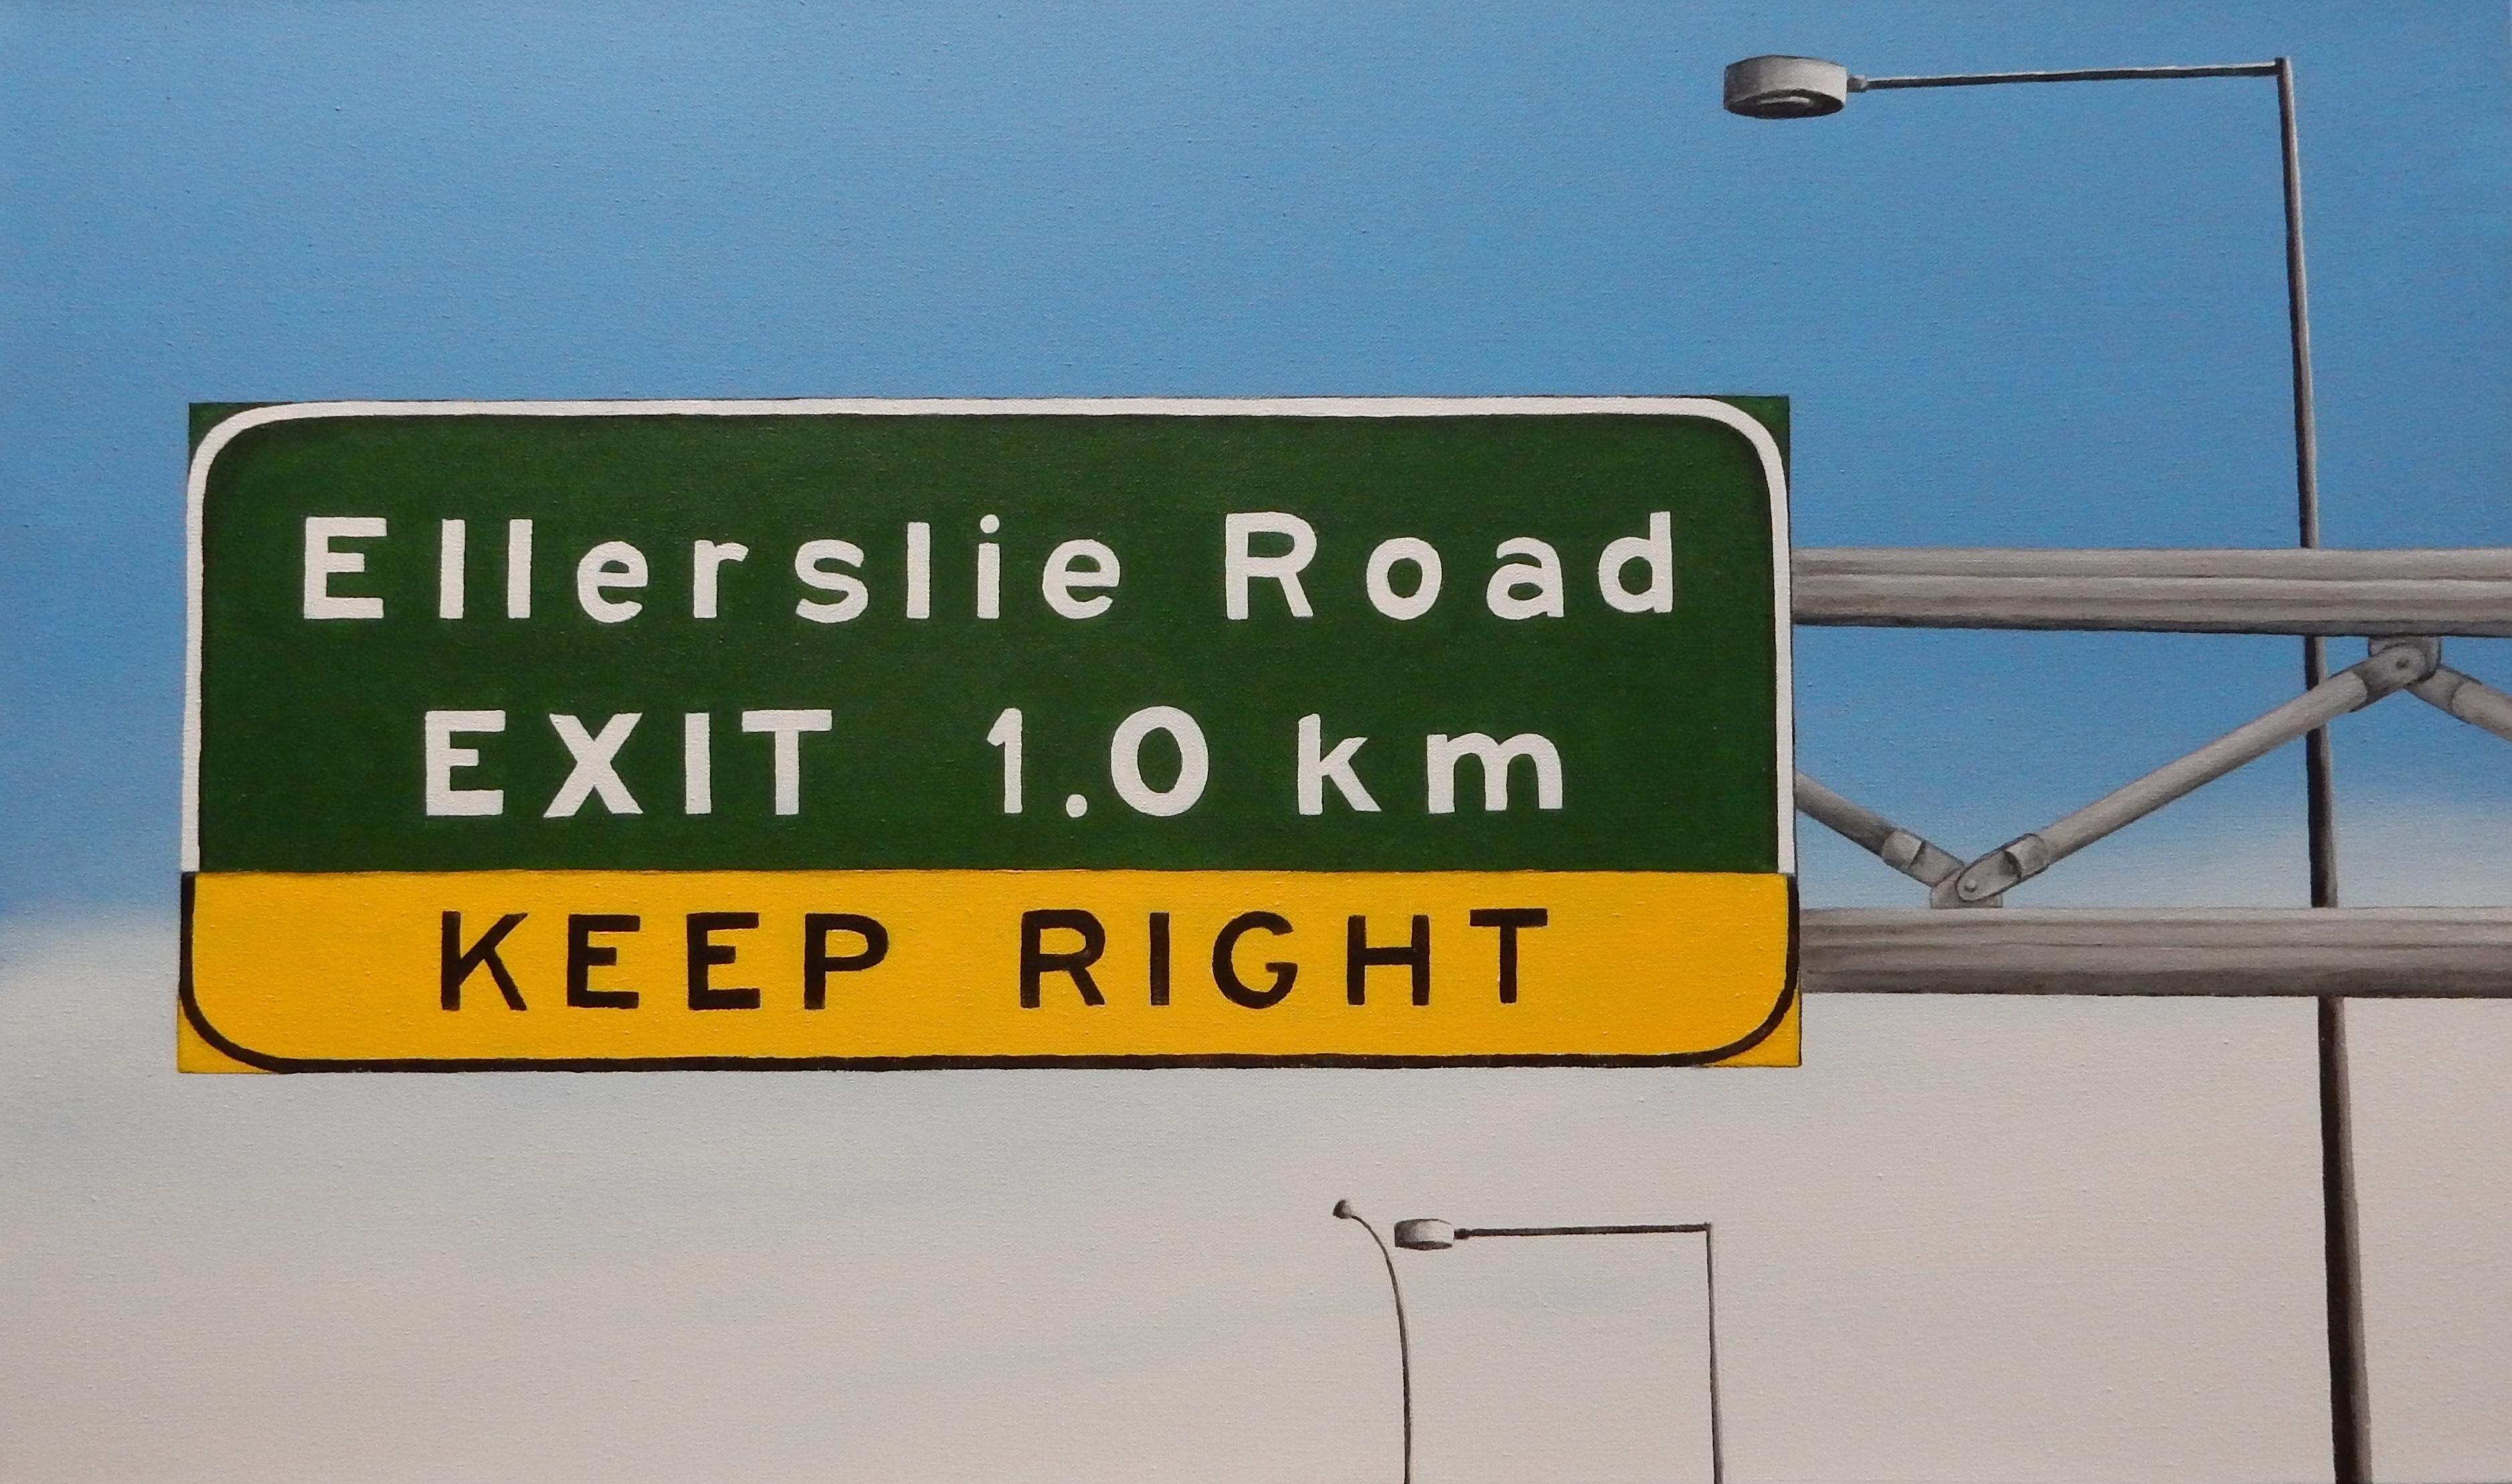 Ellerslie Road